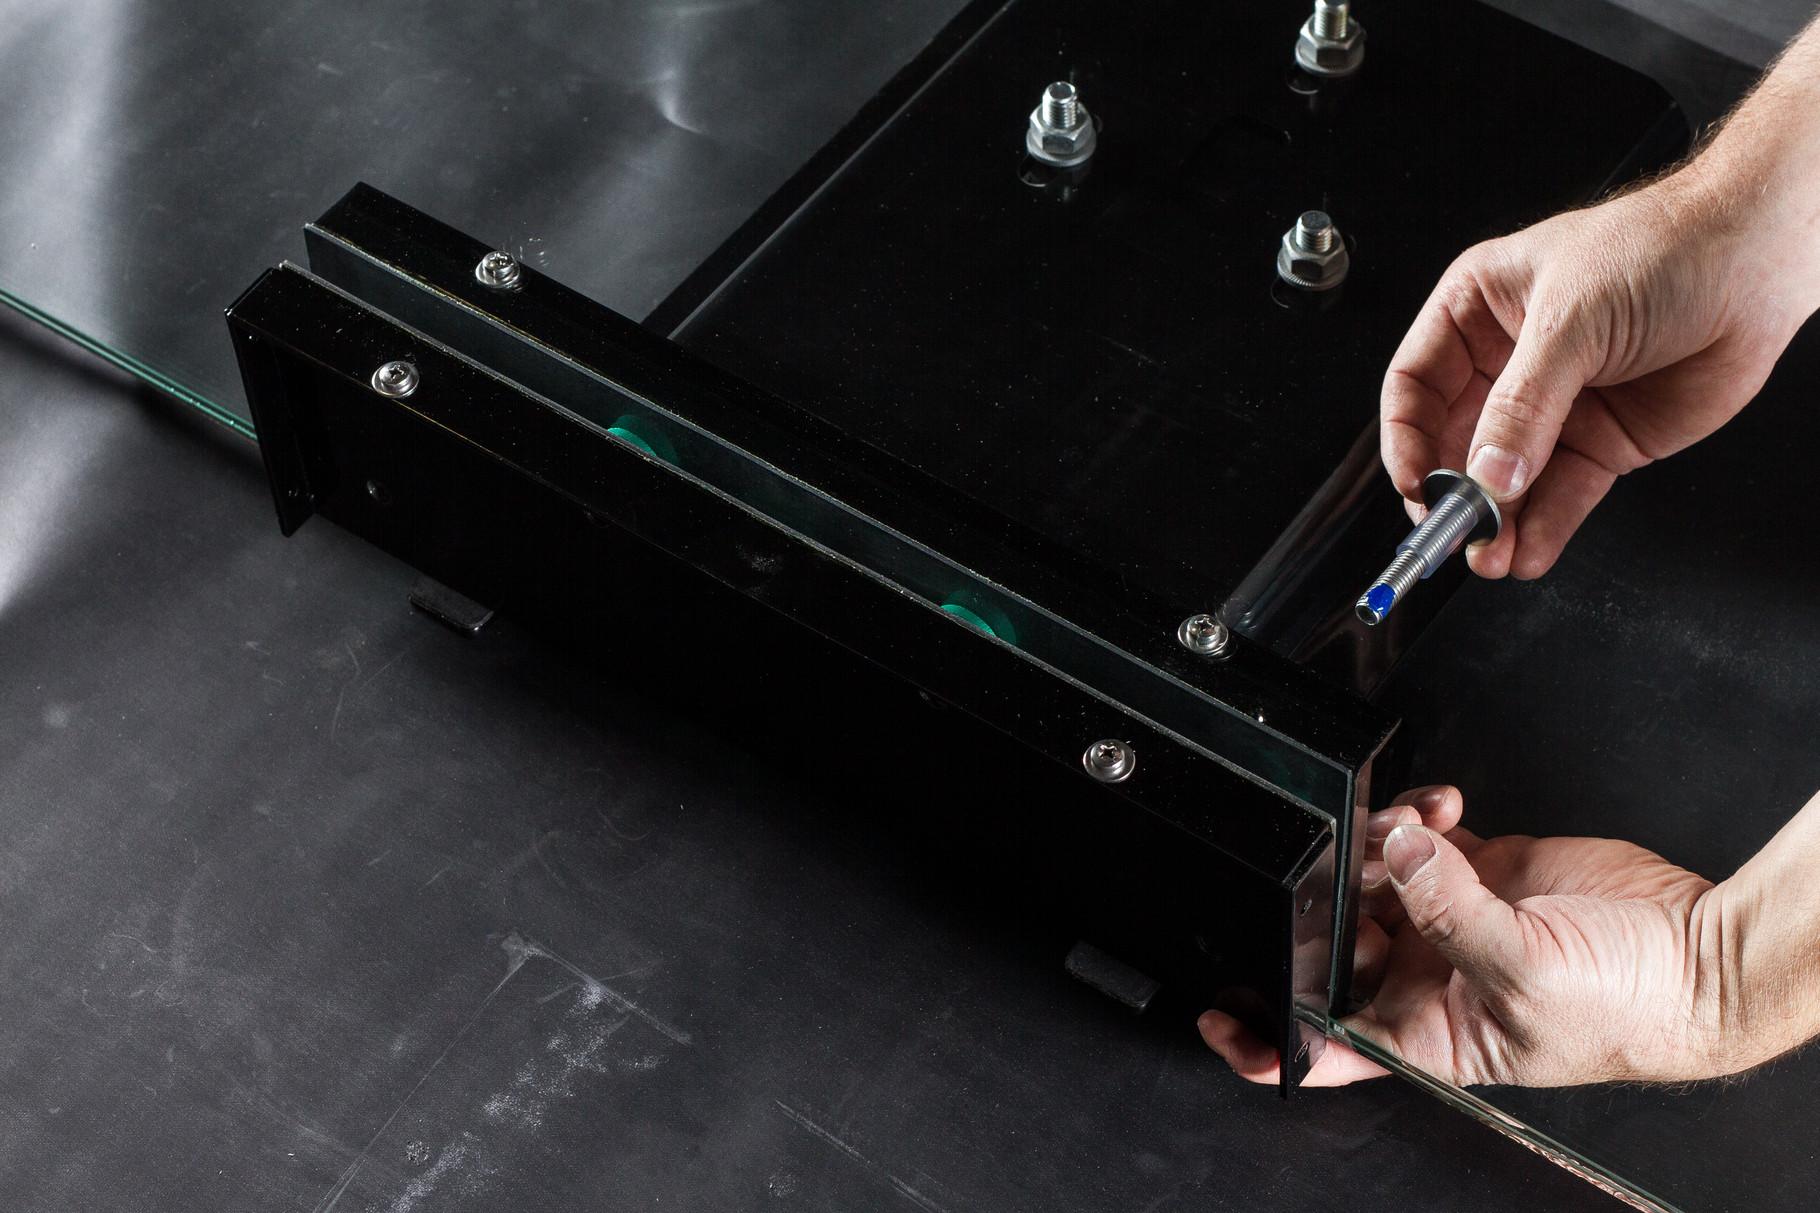 Den Schrauben gemeinsam mit dem Schutzschlauch inklusive Beilagscheibe durch die Glaskonsole führen und die Gegenplatte fixieren.